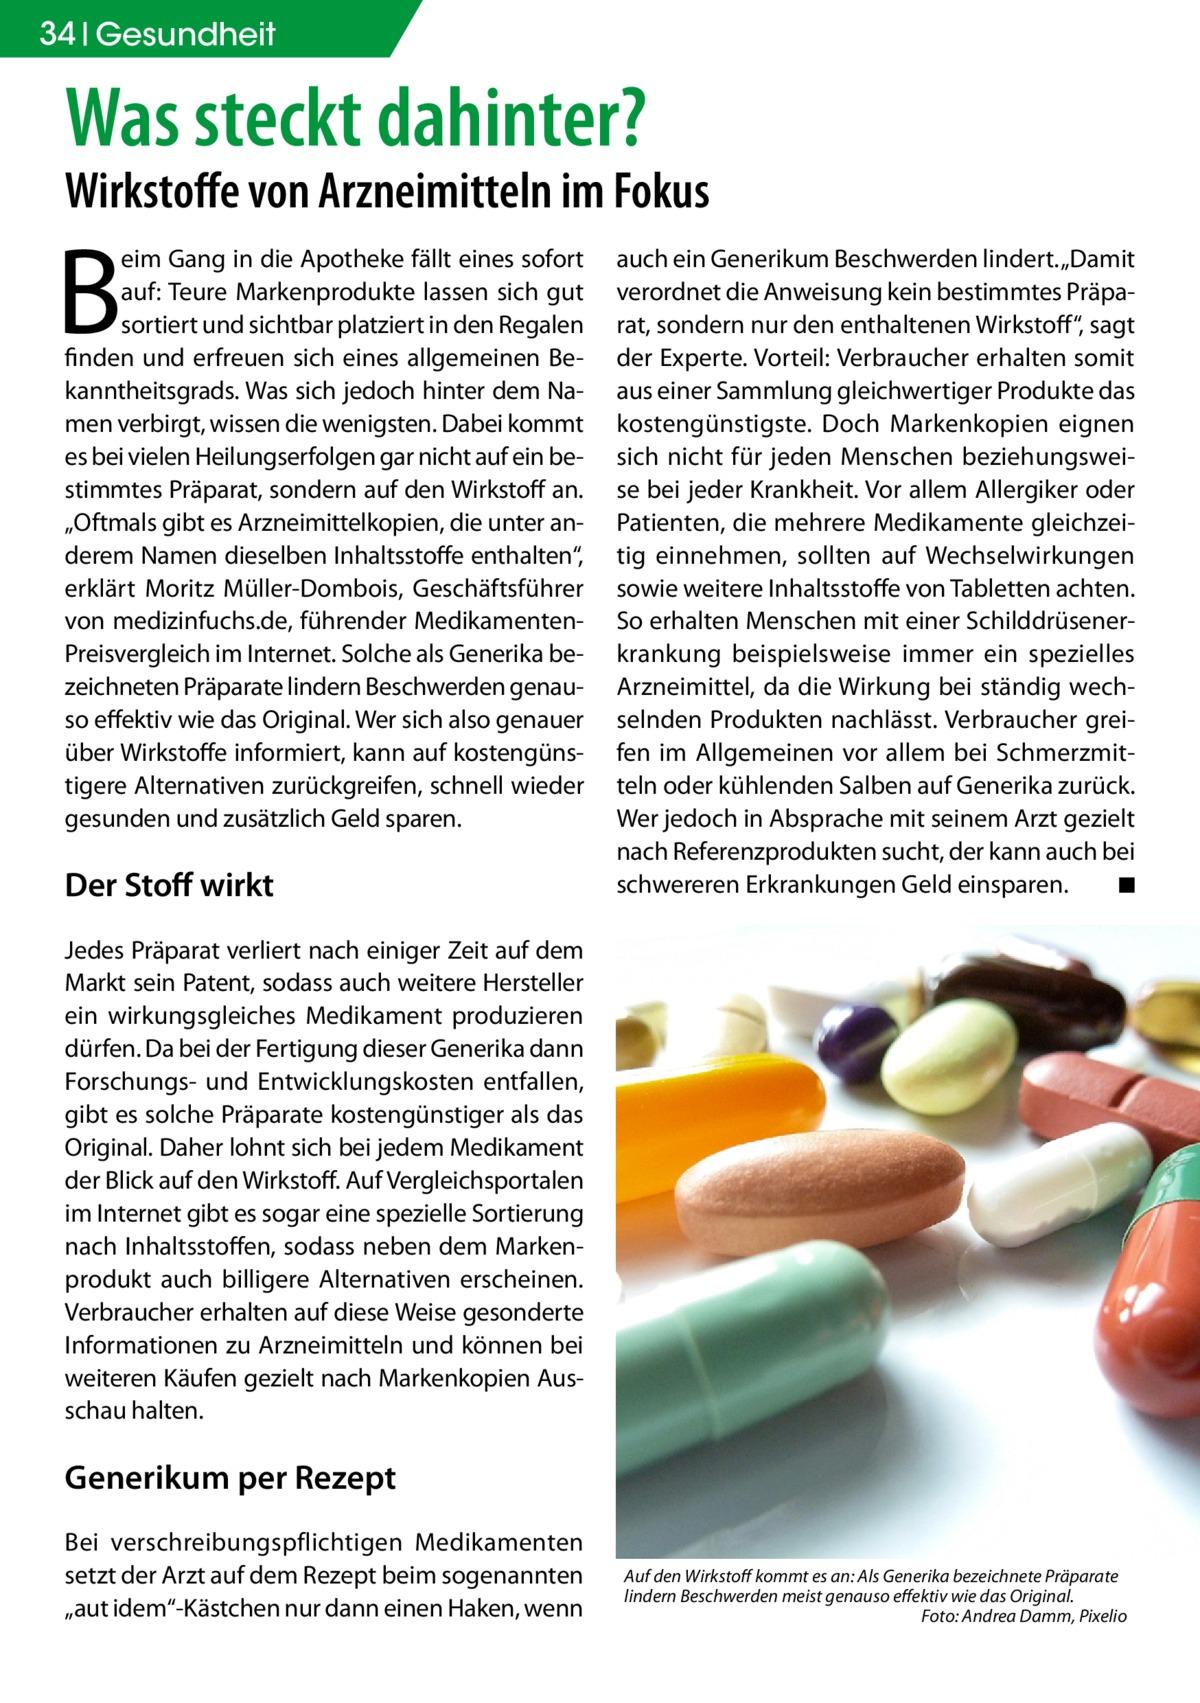 """34 Gesundheit  Was steckt dahinter?  Wirkstoffe von Arzneimitteln im Fokus  B  eim Gang in die Apotheke fällt eines sofort auf: Teure Markenprodukte lassen sich gut sortiert und sichtbar platziert in den Regalen finden und erfreuen sich eines allgemeinen Bekanntheitsgrads. Was sich jedoch hinter dem Namen verbirgt, wissen die wenigsten. Dabei kommt es bei vielen Heilungserfolgen gar nicht auf ein bestimmtes Präparat, sondern auf den Wirkstoff an. """"Oftmals gibt es Arzneimittelkopien, die unter anderem Namen dieselben Inhaltsstoffe enthalten"""", erklärt Moritz Müller-Dombois, Geschäftsführer von medizinfuchs.de, führender MedikamentenPreisvergleich im Internet. Solche als Generika bezeichneten Präparate lindern Beschwerden genauso effektiv wie das Original. Wer sich also genauer über Wirkstoffe informiert, kann auf kostengünstigere Alternativen zurückgreifen, schnell wieder gesunden und zusätzlich Geld sparen.  Der Stoff wirkt  auch ein Generikum Beschwerden lindert. """"Damit verordnet die Anweisung kein bestimmtes Präparat, sondern nur den enthaltenen Wirkstoff"""", sagt der Experte. Vorteil: Verbraucher erhalten somit aus einer Sammlung gleichwertiger Produkte das kostengünstigste. Doch Markenkopien eignen sich nicht für jeden Menschen beziehungsweise bei jeder Krankheit. Vor allem Allergiker oder Patienten, die mehrere Medikamente gleichzeitig einnehmen, sollten auf Wechselwirkungen sowie weitere Inhaltsstoffe von Tabletten achten. So erhalten Menschen mit einer Schilddrüsenerkrankung beispielsweise immer ein spezielles Arzneimittel, da die Wirkung bei ständig wechselnden Produkten nachlässt. Verbraucher greifen im Allgemeinen vor allem bei Schmerzmitteln oder kühlenden Salben auf Generika zurück. Wer jedoch in Absprache mit seinem Arzt gezielt nach Referenzprodukten sucht, der kann auch bei schwereren Erkrankungen Geld einsparen. � ◾  Jedes Präparat verliert nach einiger Zeit auf dem Markt sein Patent, sodass auch weitere Hersteller ein wirkungsgleiches Medikament produz"""